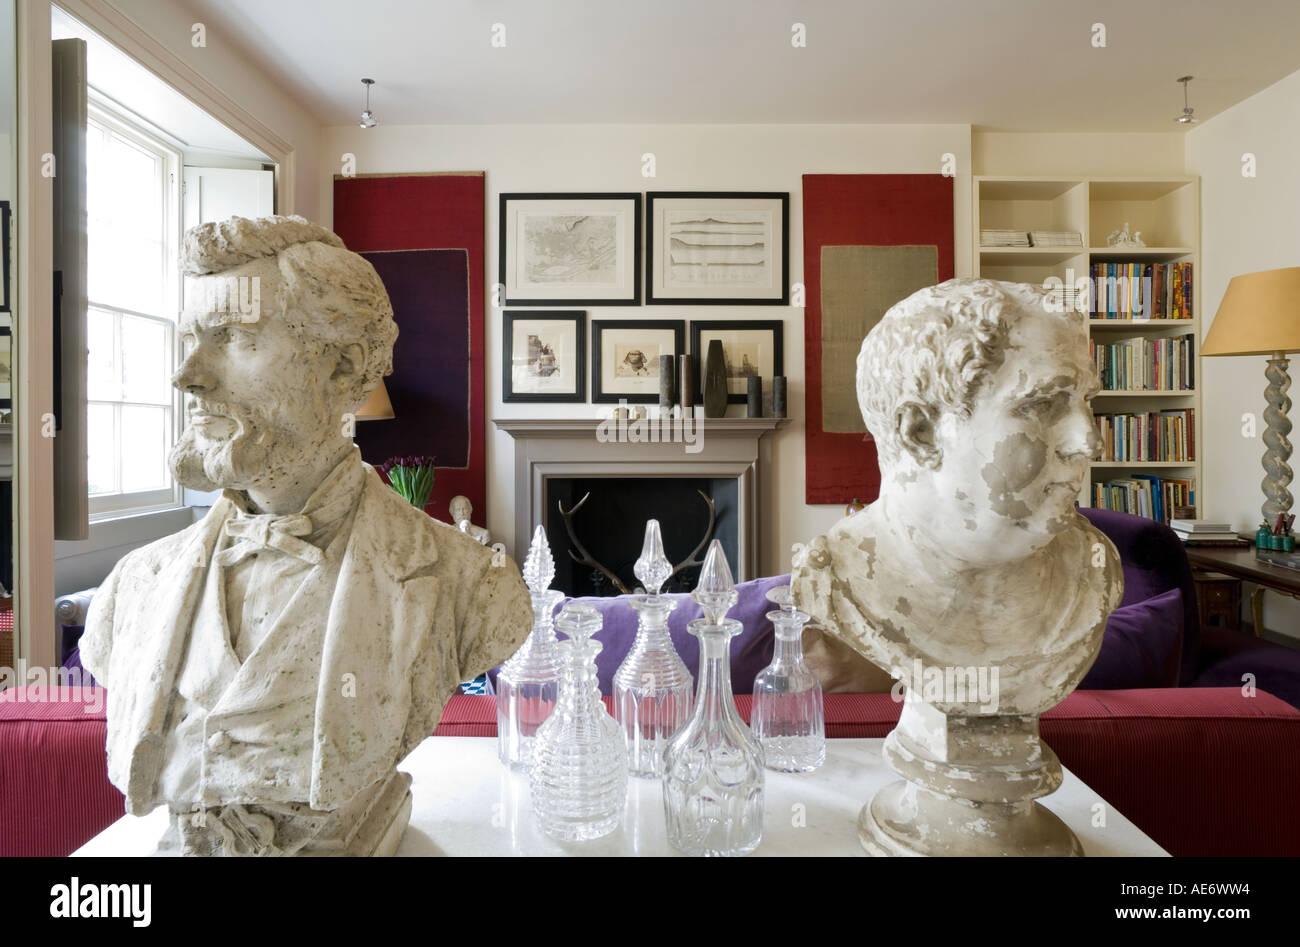 Des bustes de plâtre et des carafes en verre sur un en haut dans une salle de séjour Photo Stock